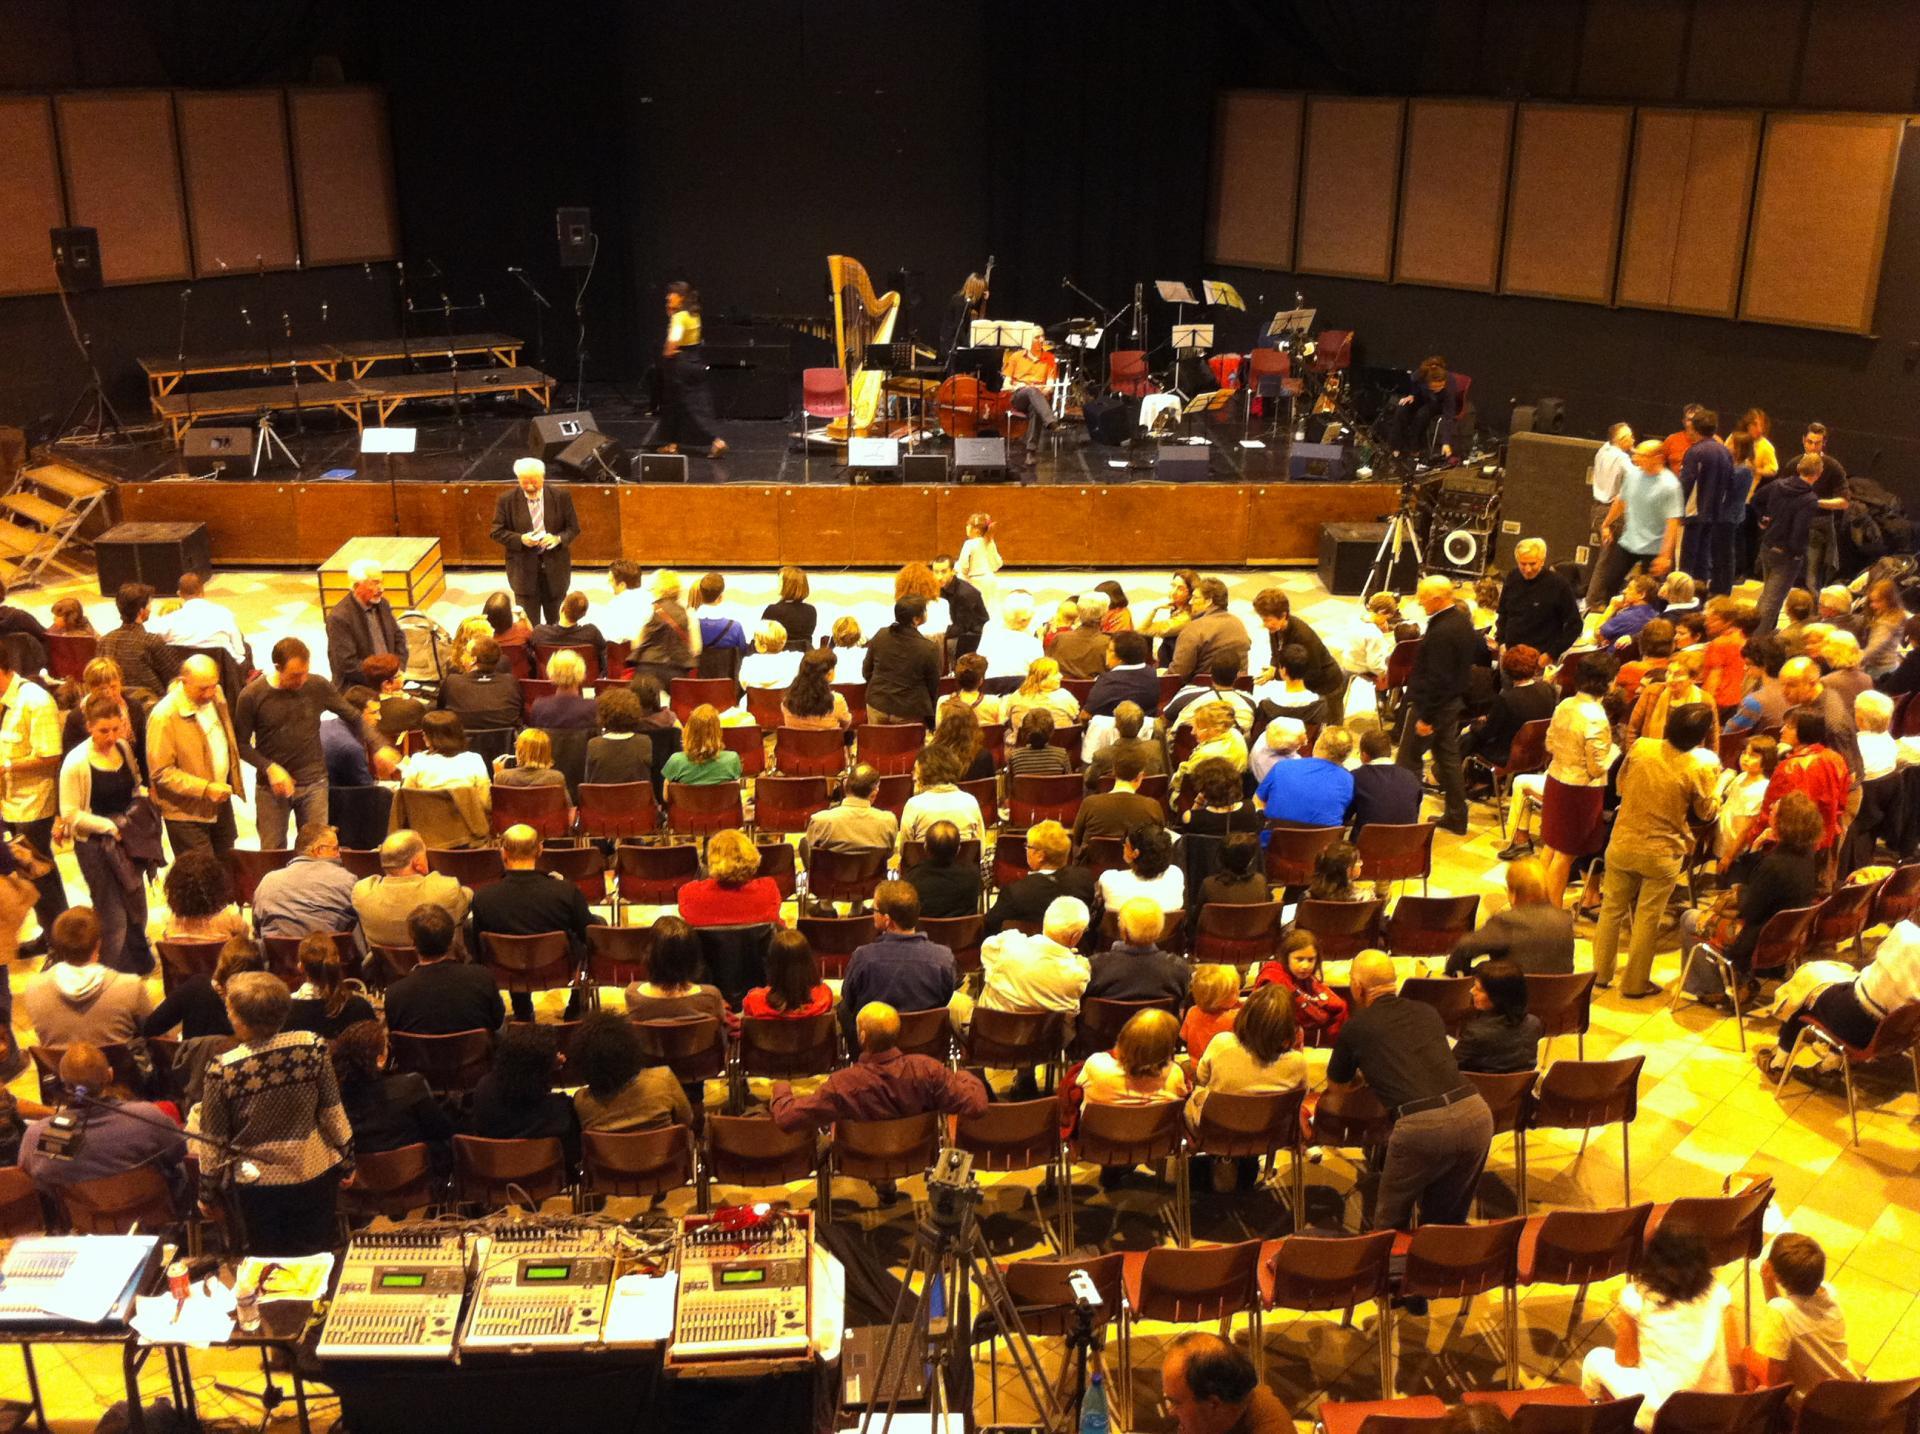 Le public, la scène